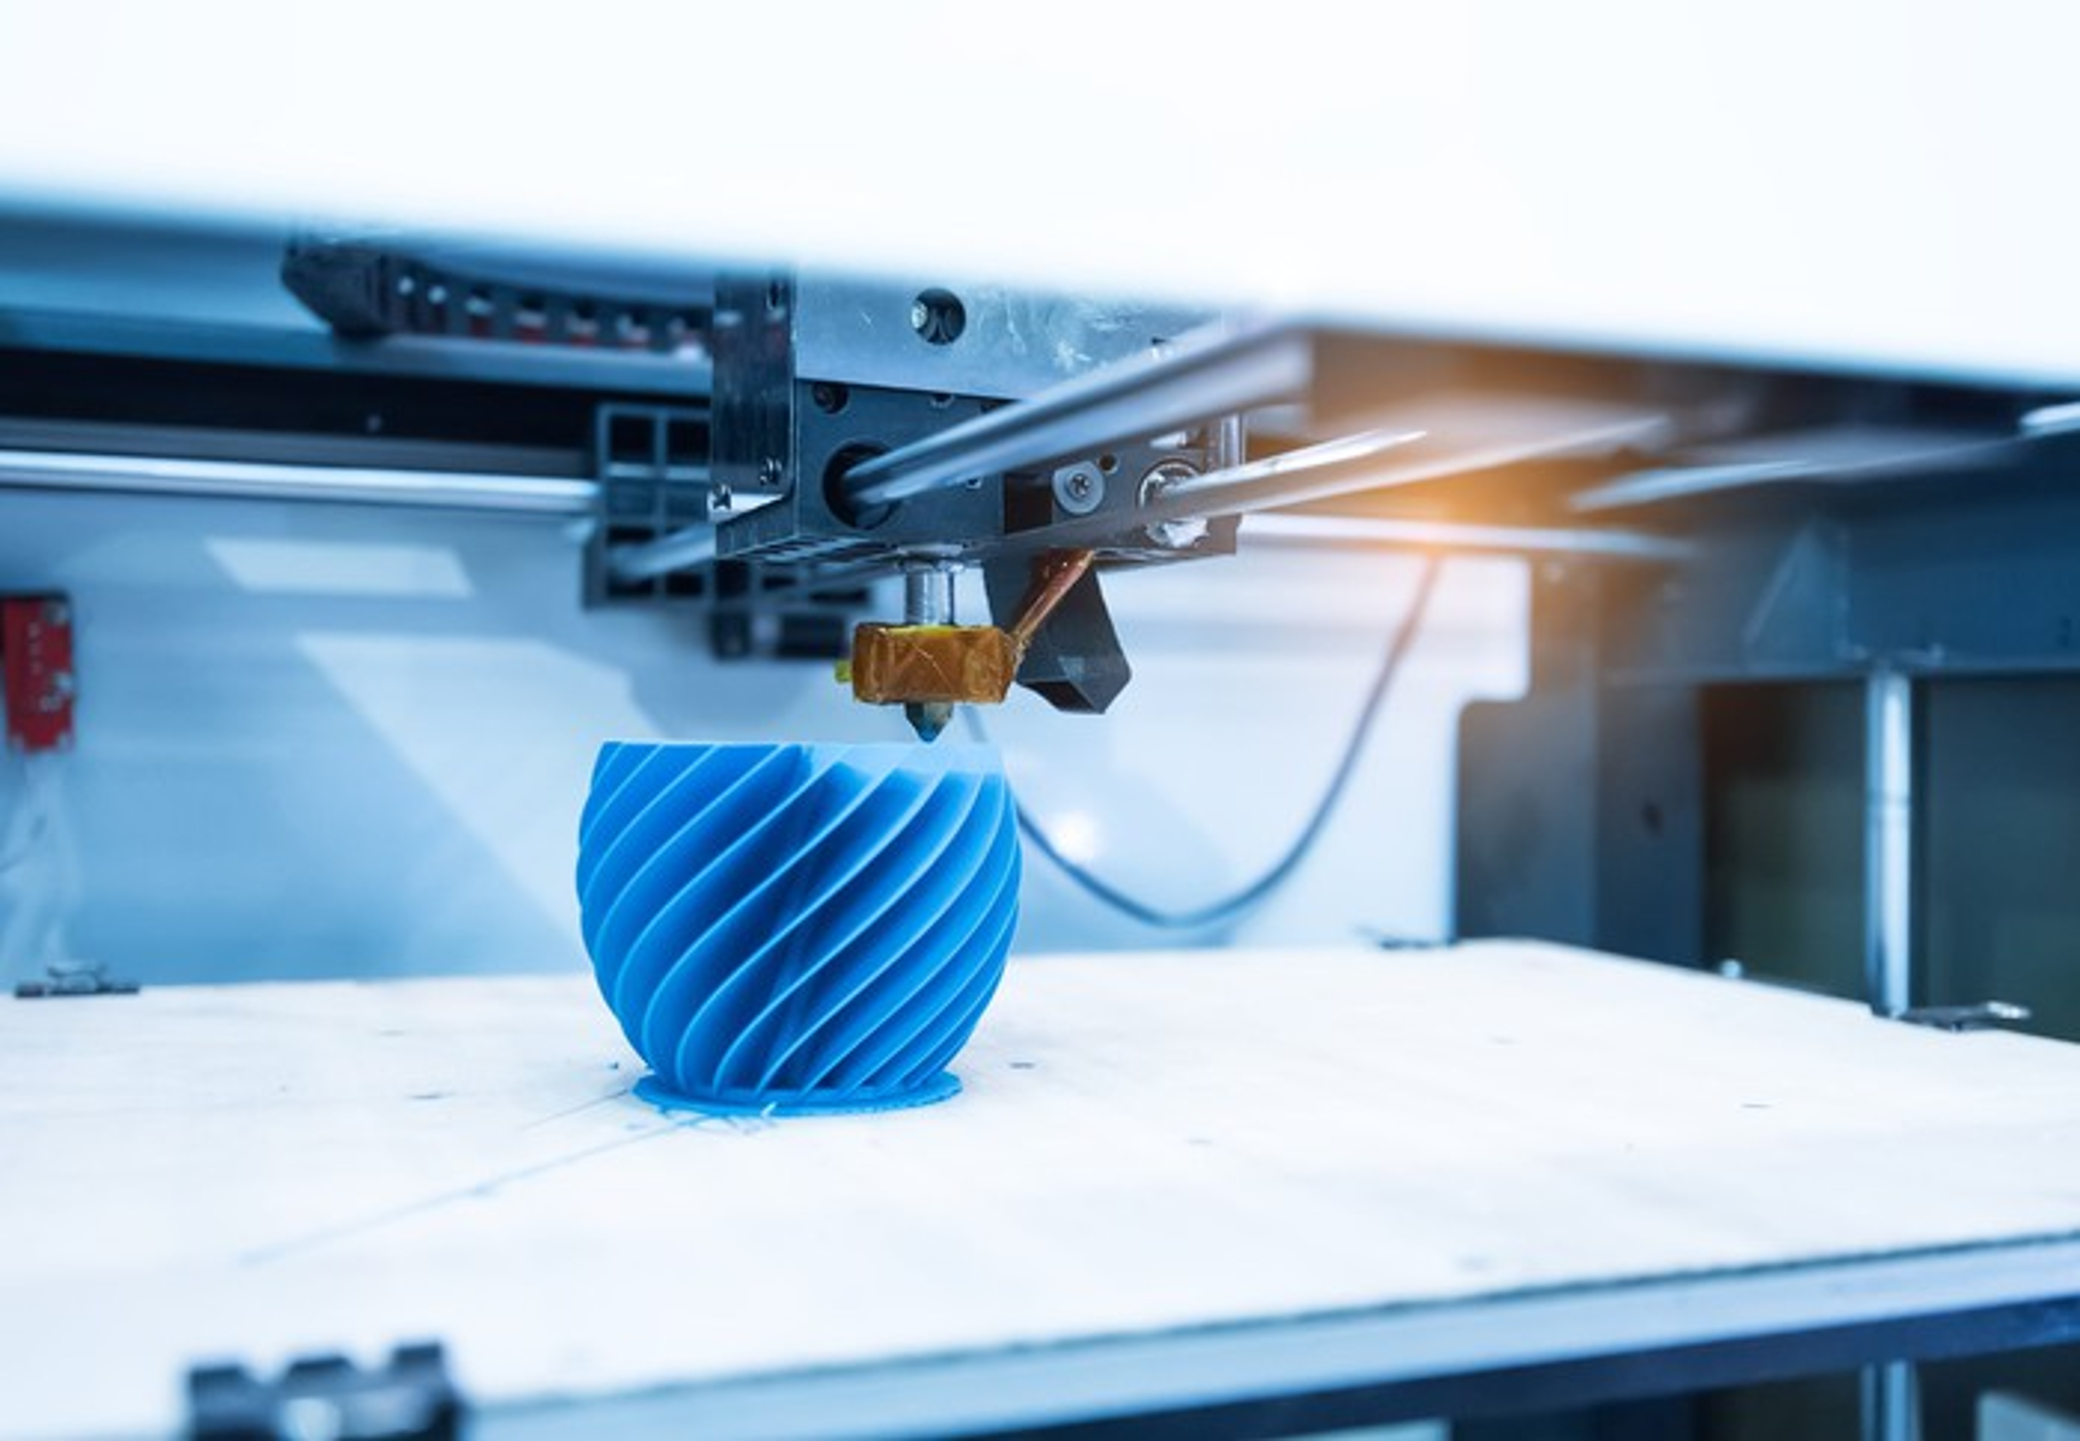 An industrial 3D printer.